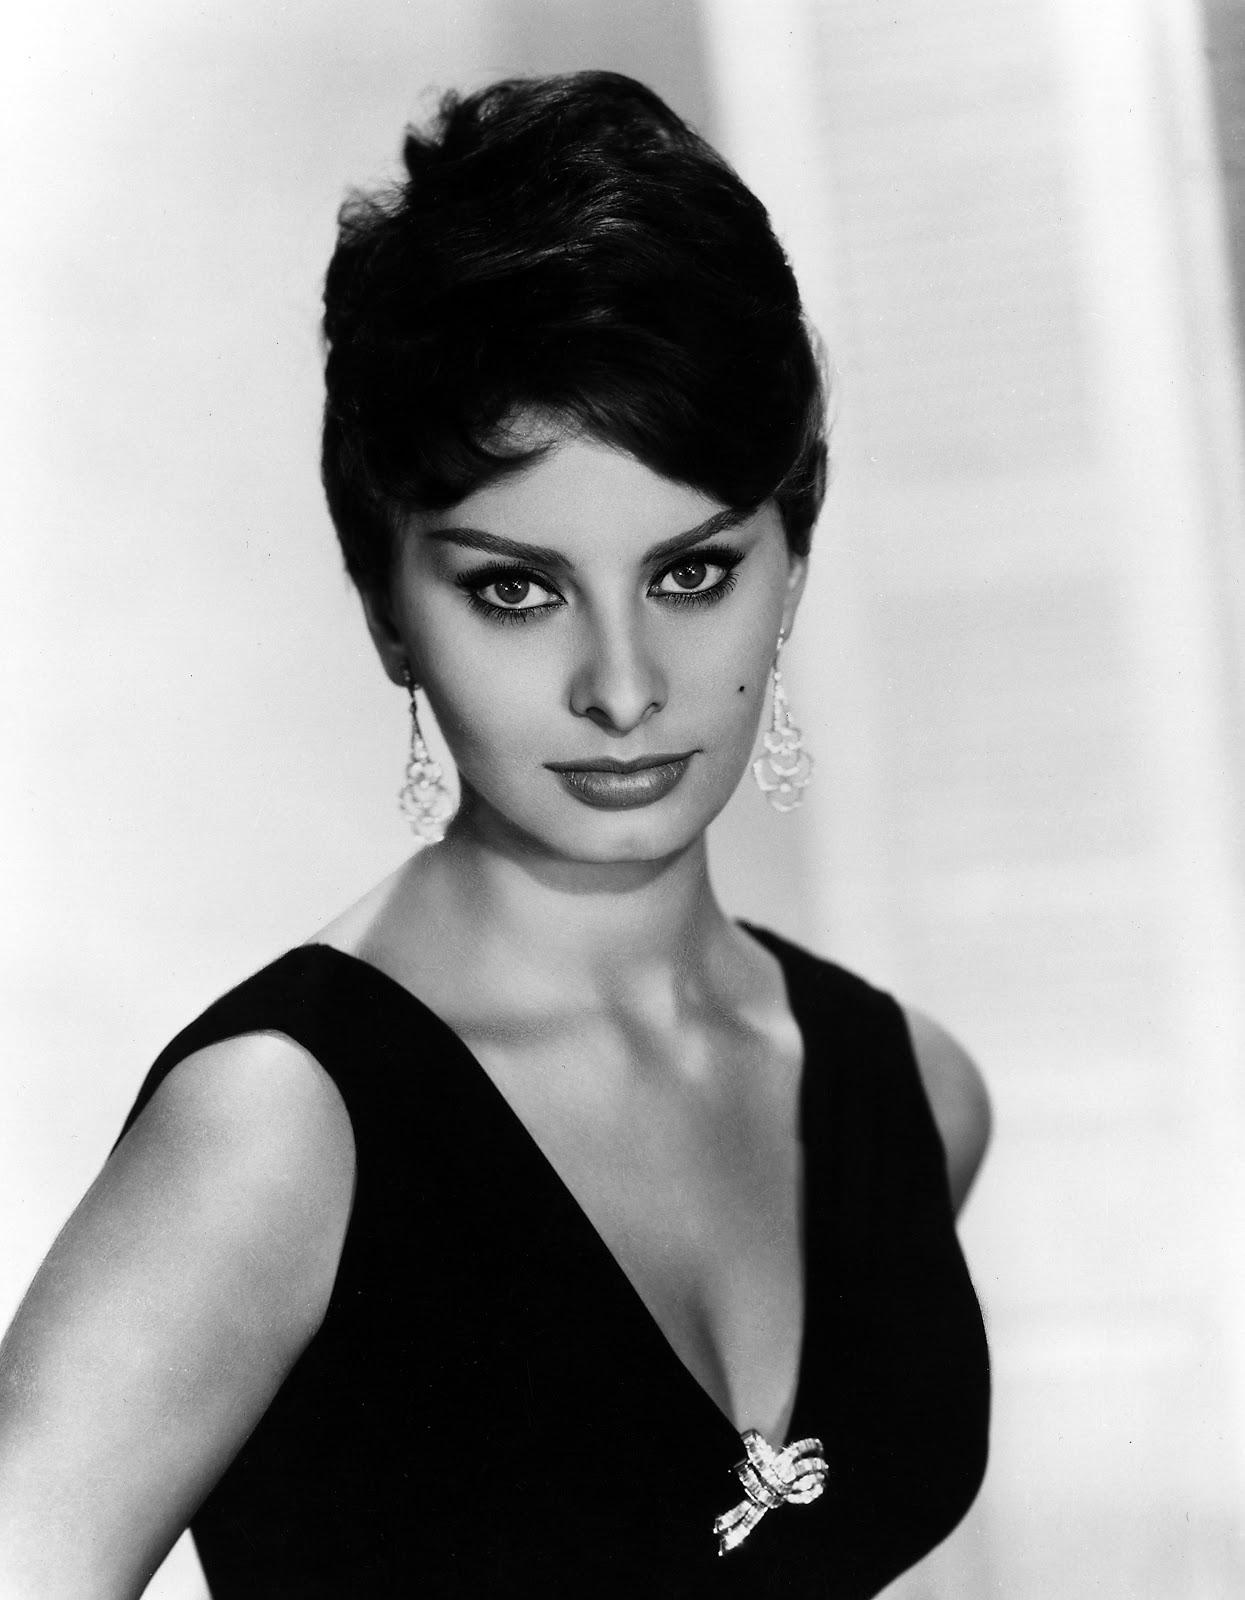 http://3.bp.blogspot.com/-KzRgxSYApoY/TZE85c9DebI/AAAAAAAAAQs/sjNNKzcThiY/s1600/Sophia+Loren+-+A%25C3%25B1o+1953.jpg